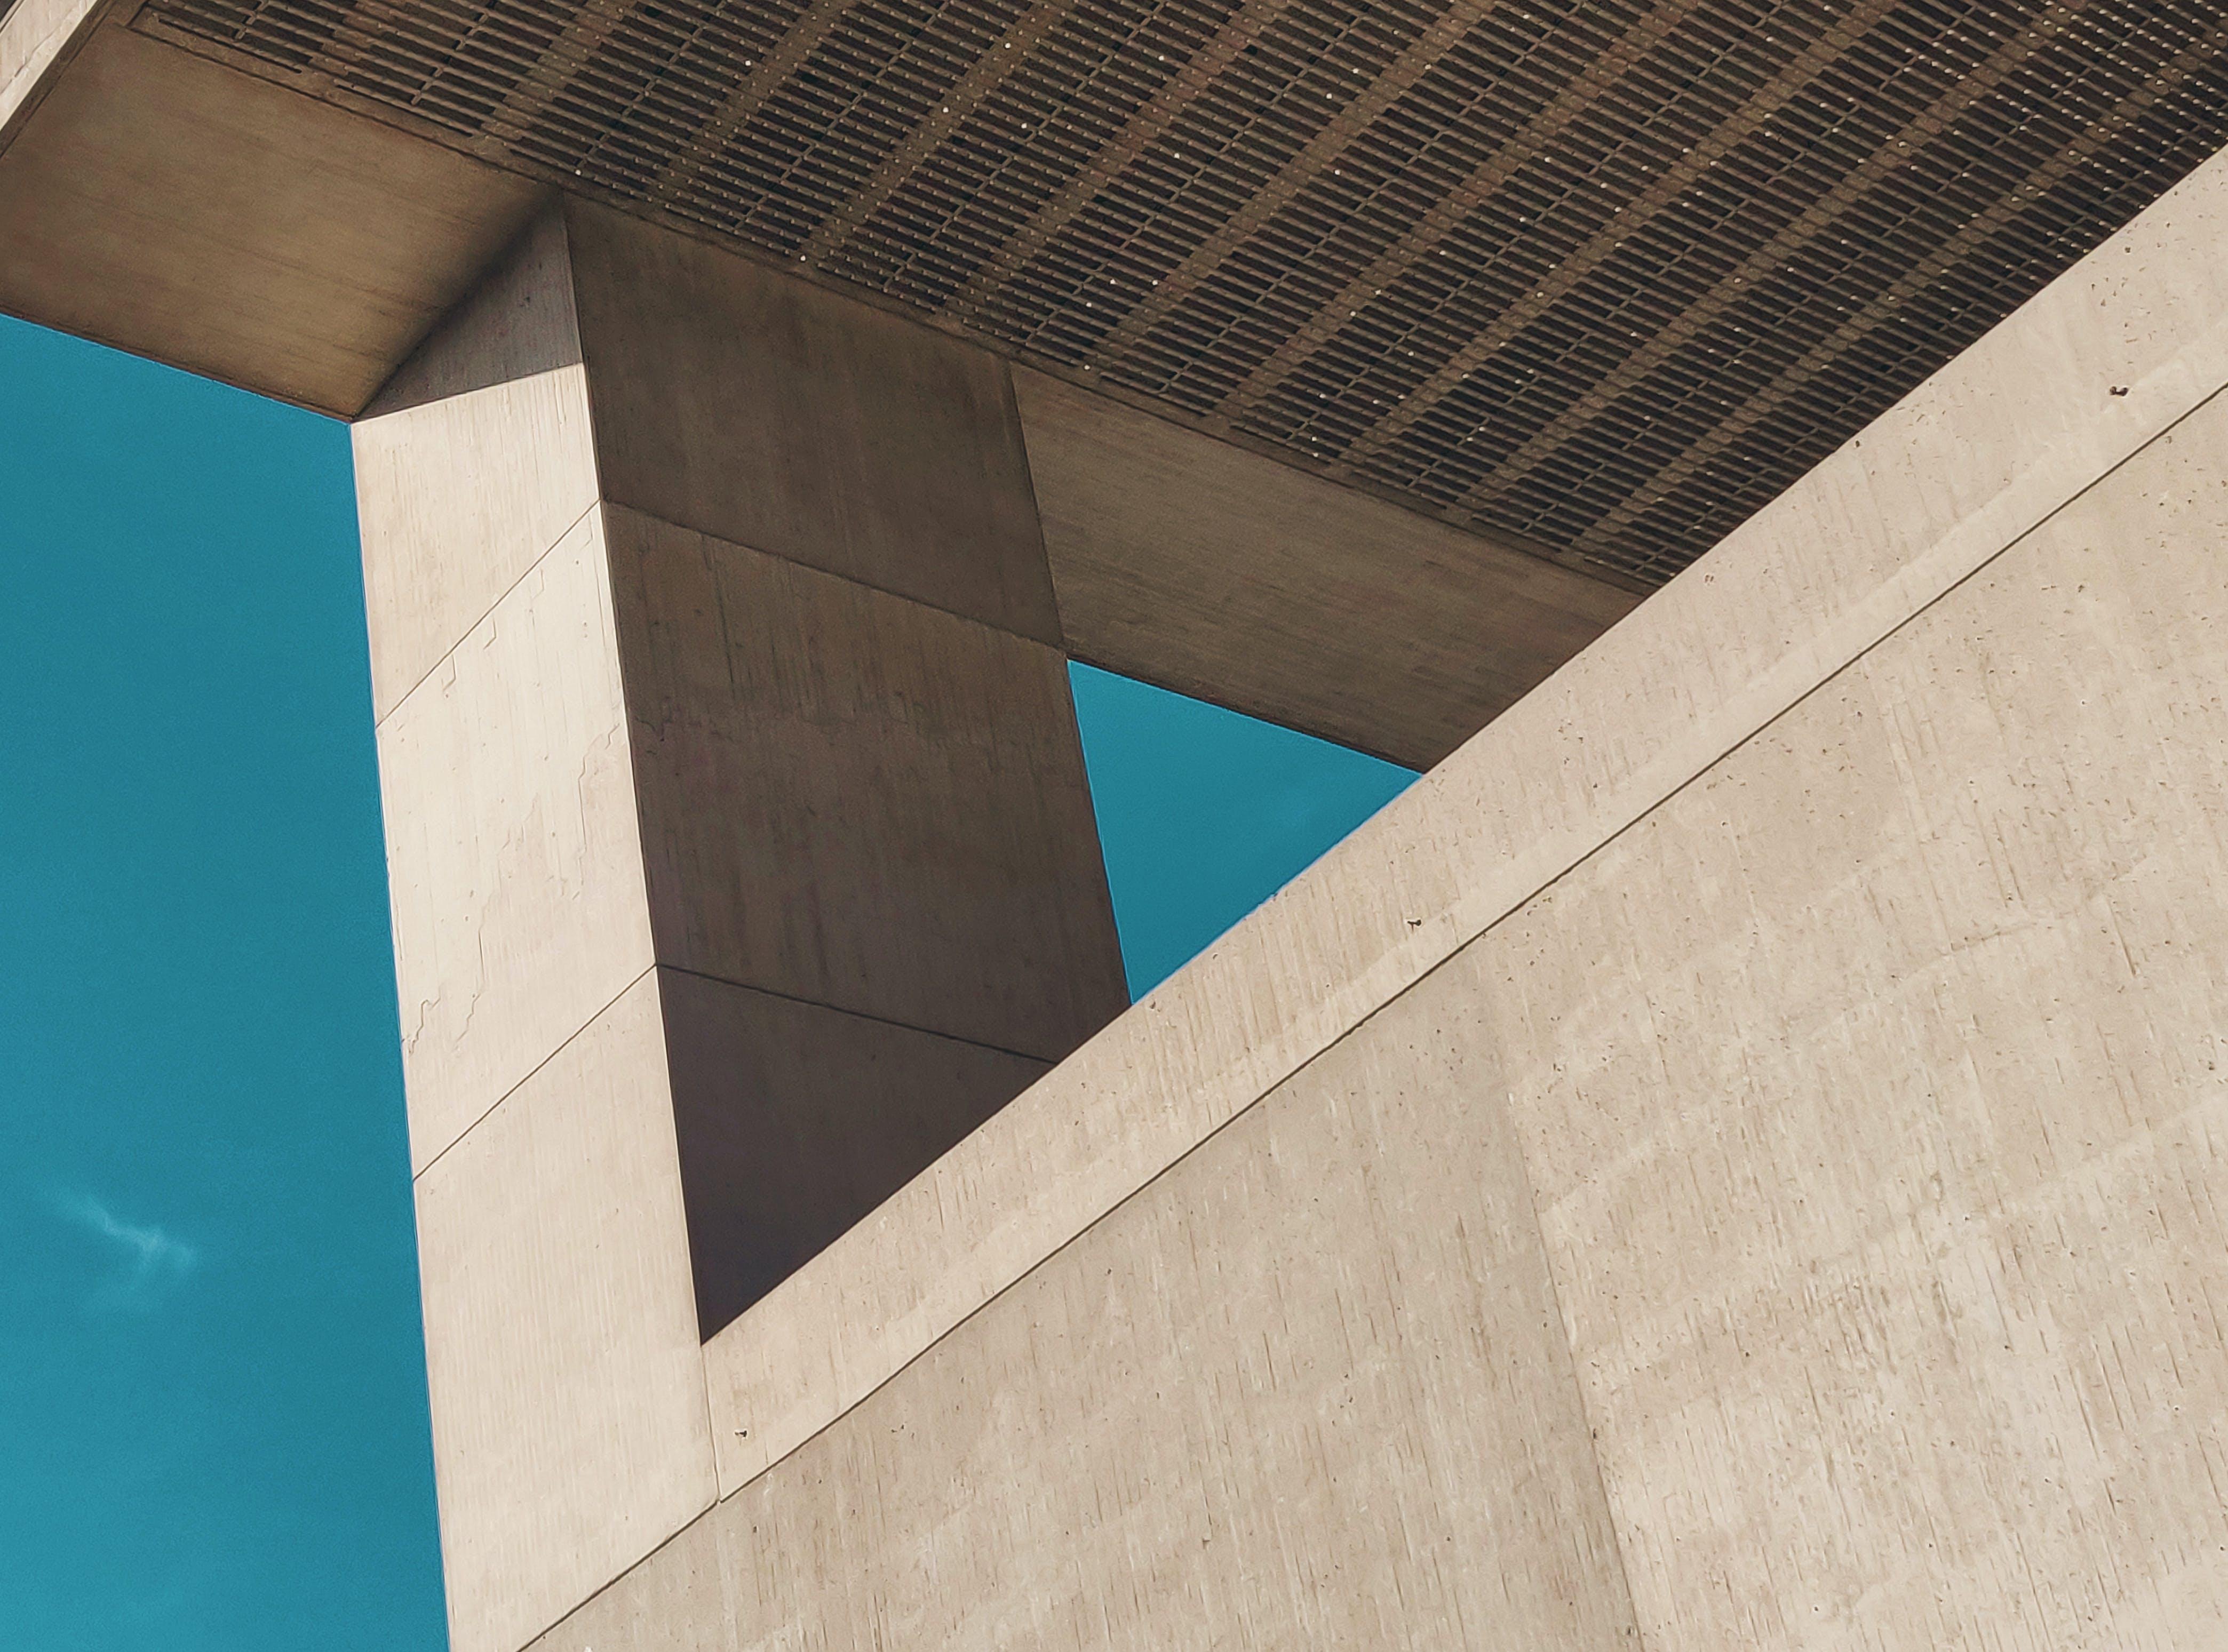 Gratis arkivbilde med arkitektonisk design, arkitektur, betong, bygning